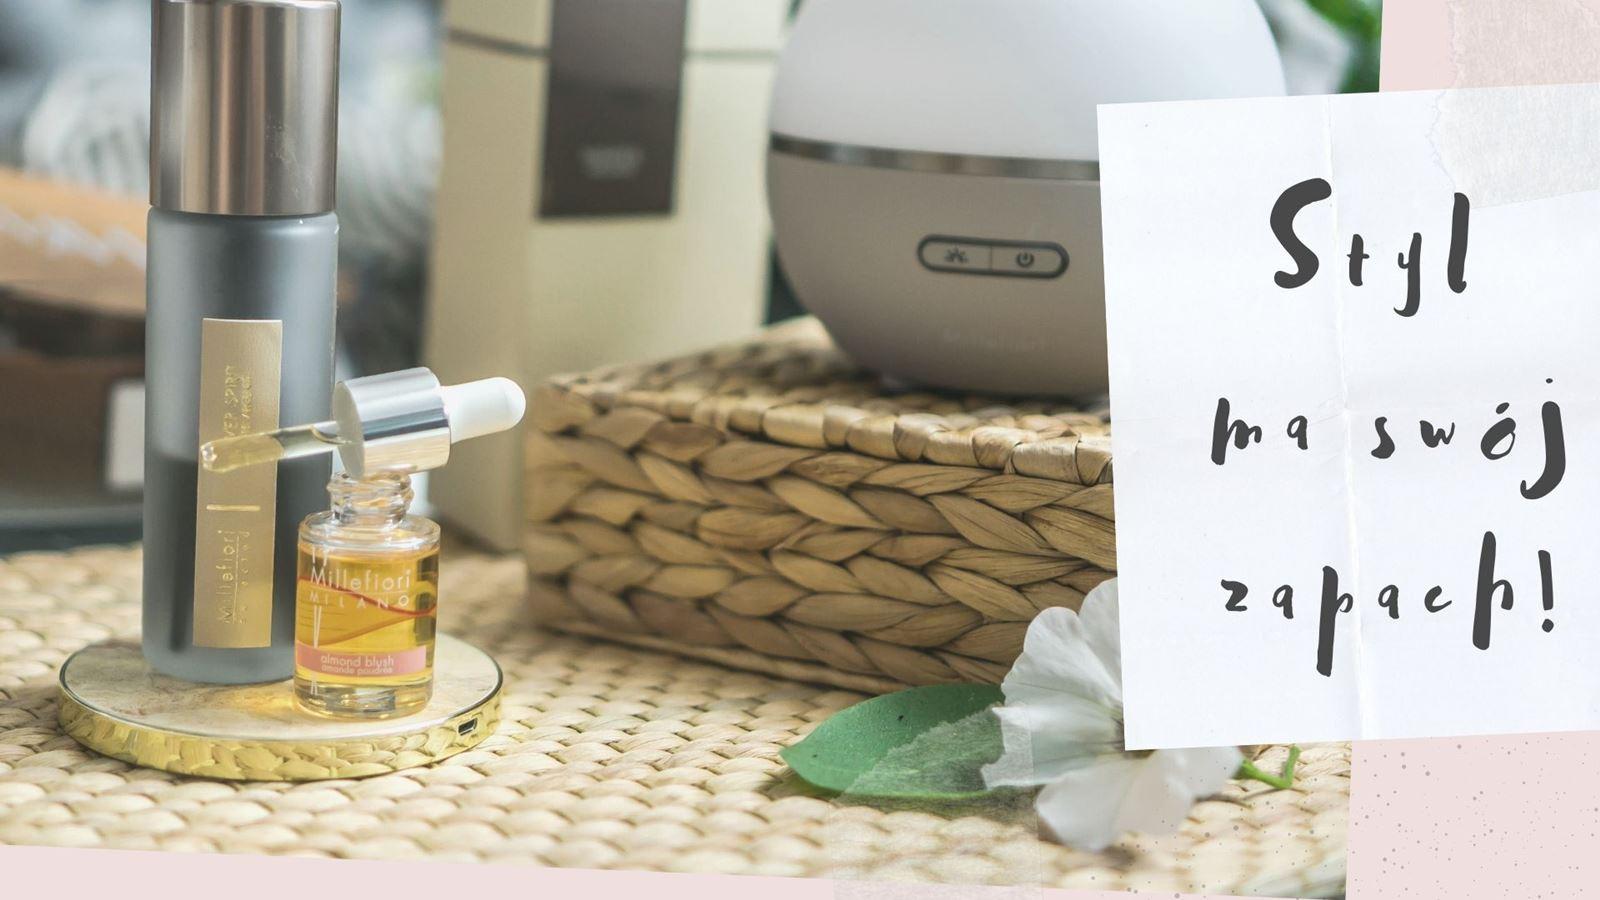 najlepsze odświeżacze powietrza na prezent pałeczki zapachowe gdzie kupić olejki zapachowe dyfuzory ultradźwiękowe  cena jakosć opinie millefiori milano czy warto jak zadbać o ładny zapach w domu